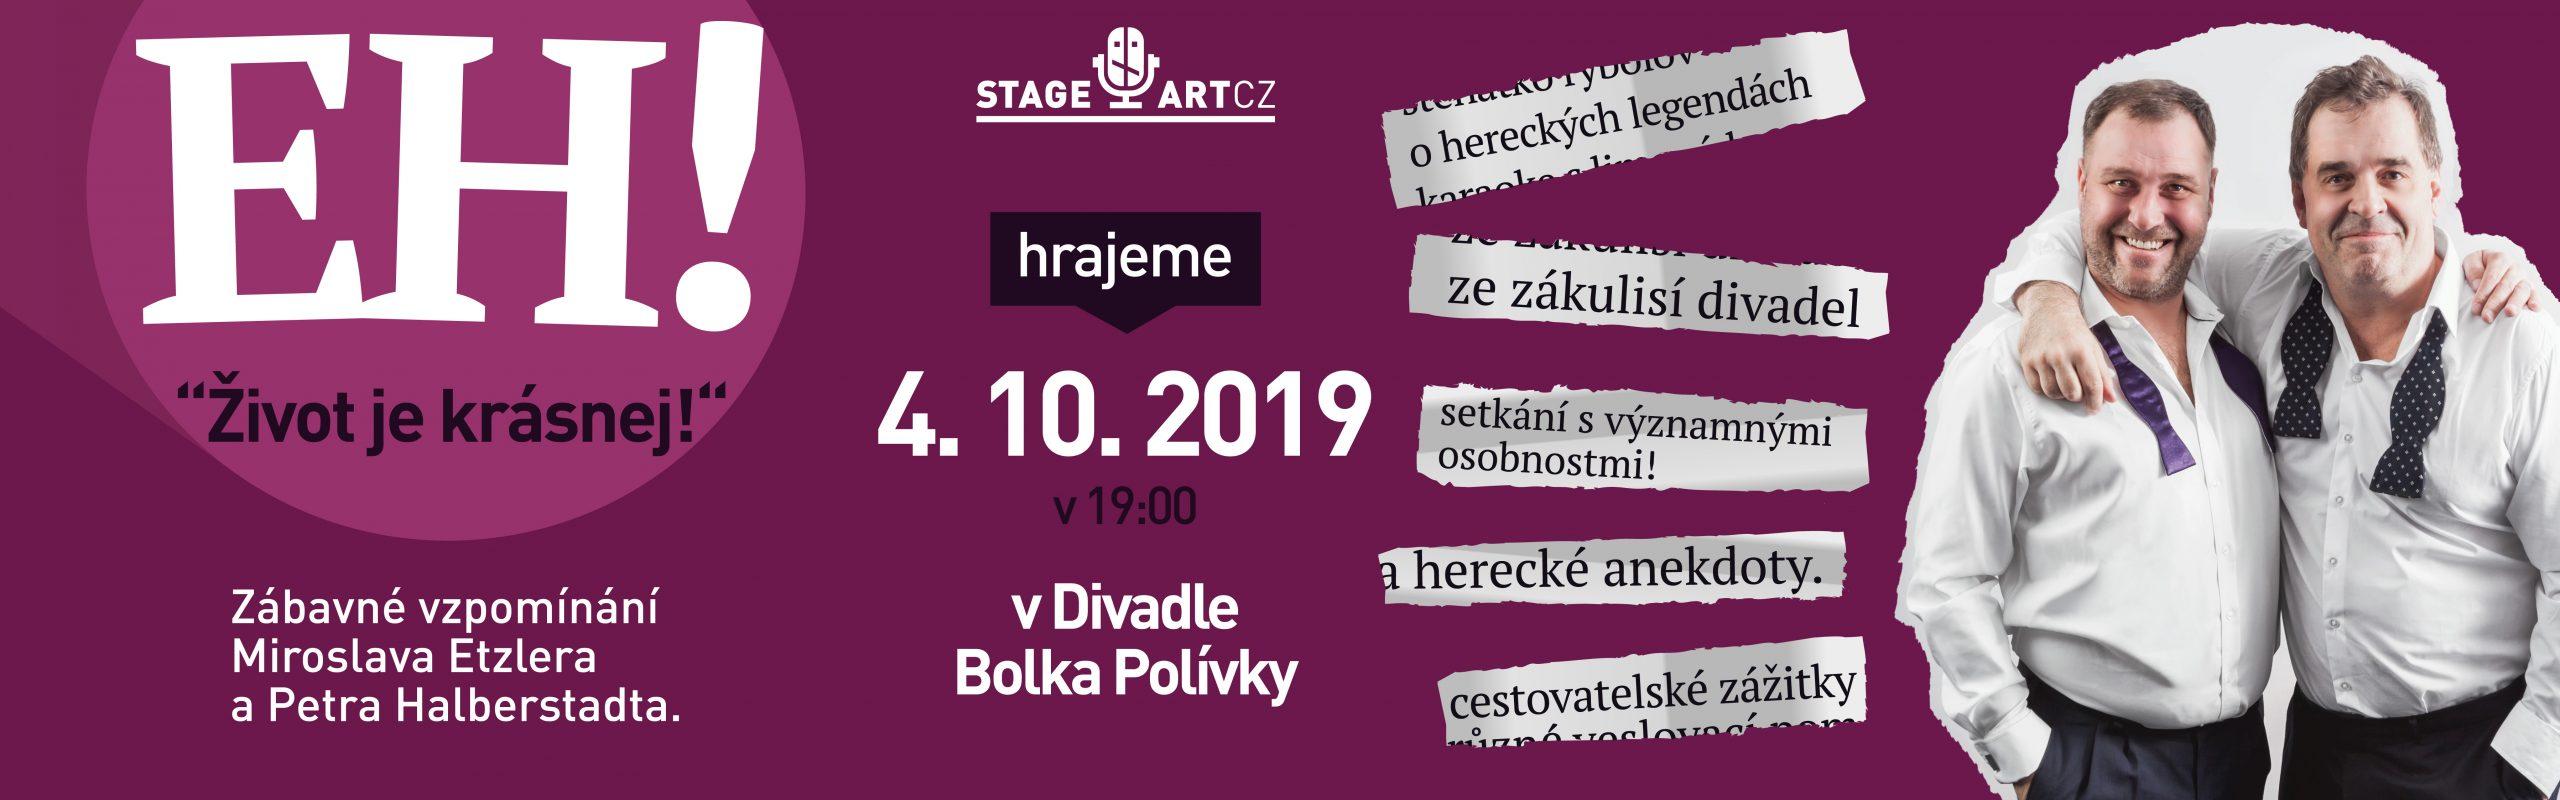 4. 10. 2019 v Divadle Bolka Polívky